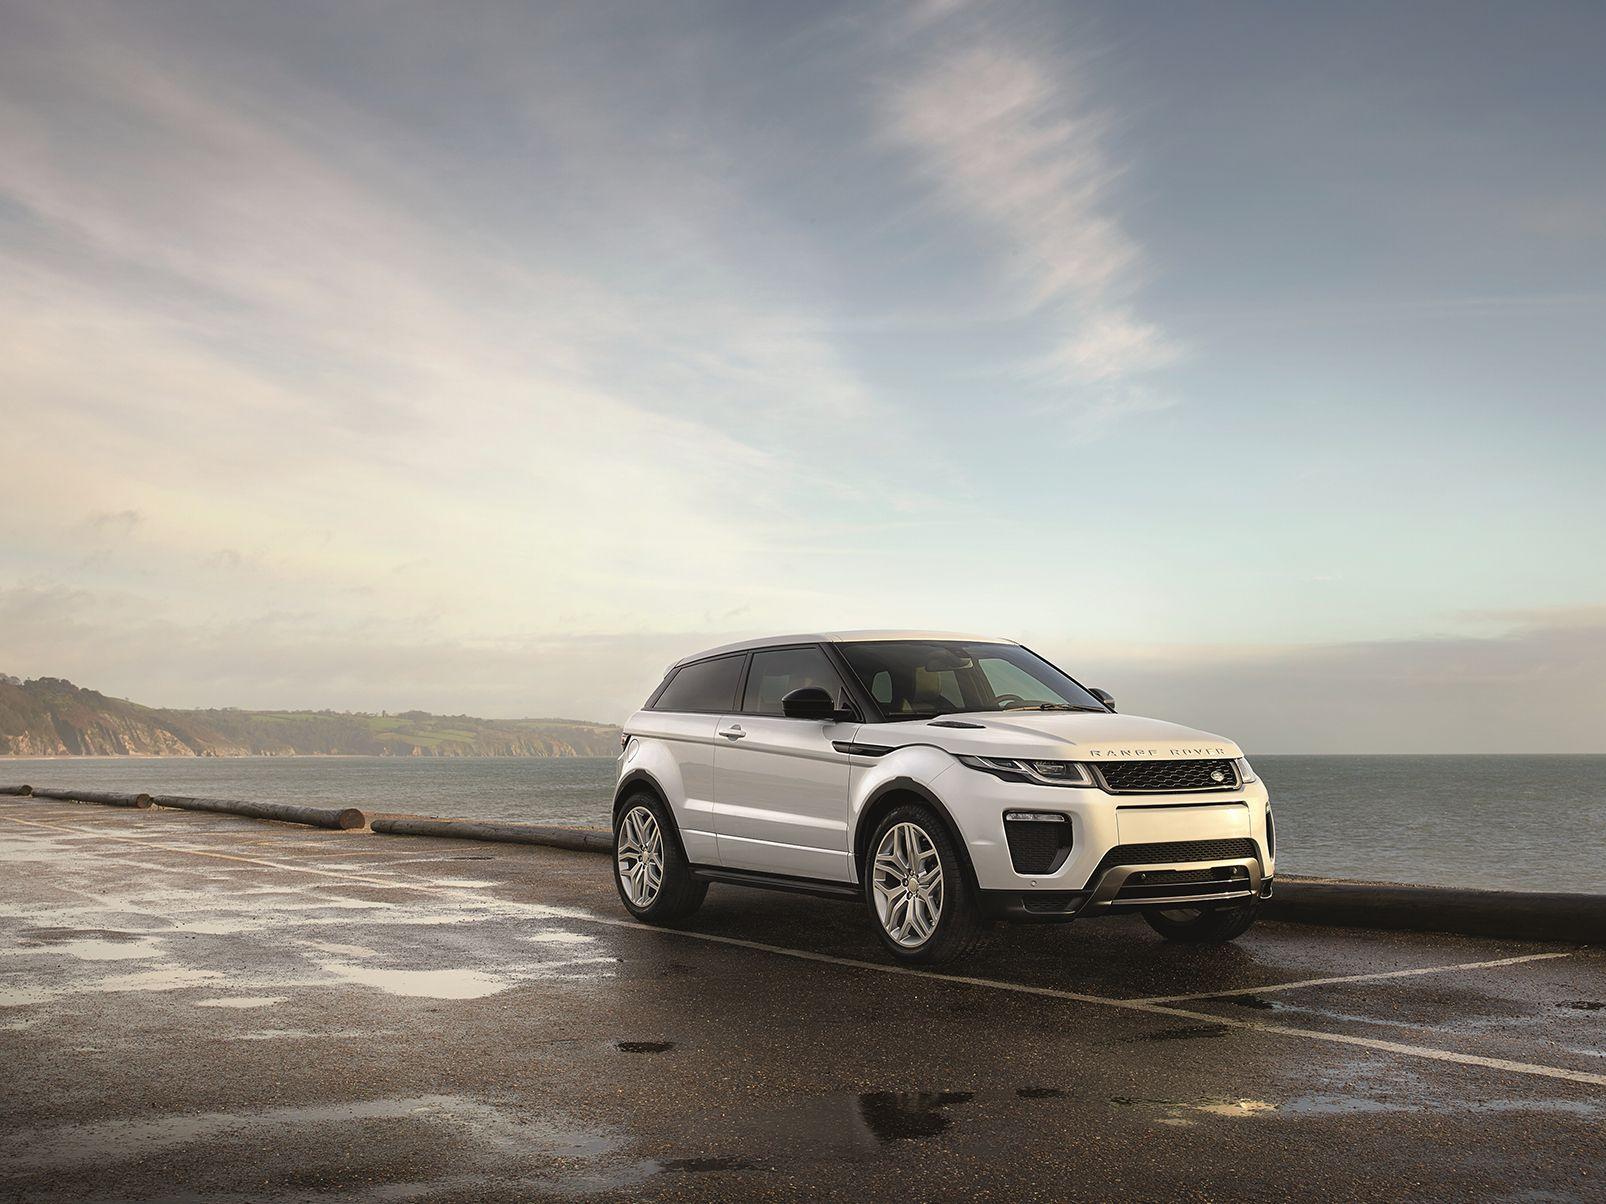 Özgür Olmak çevik Bir Duruş Gerektirir Range Rover Evoque Range Rover Araba